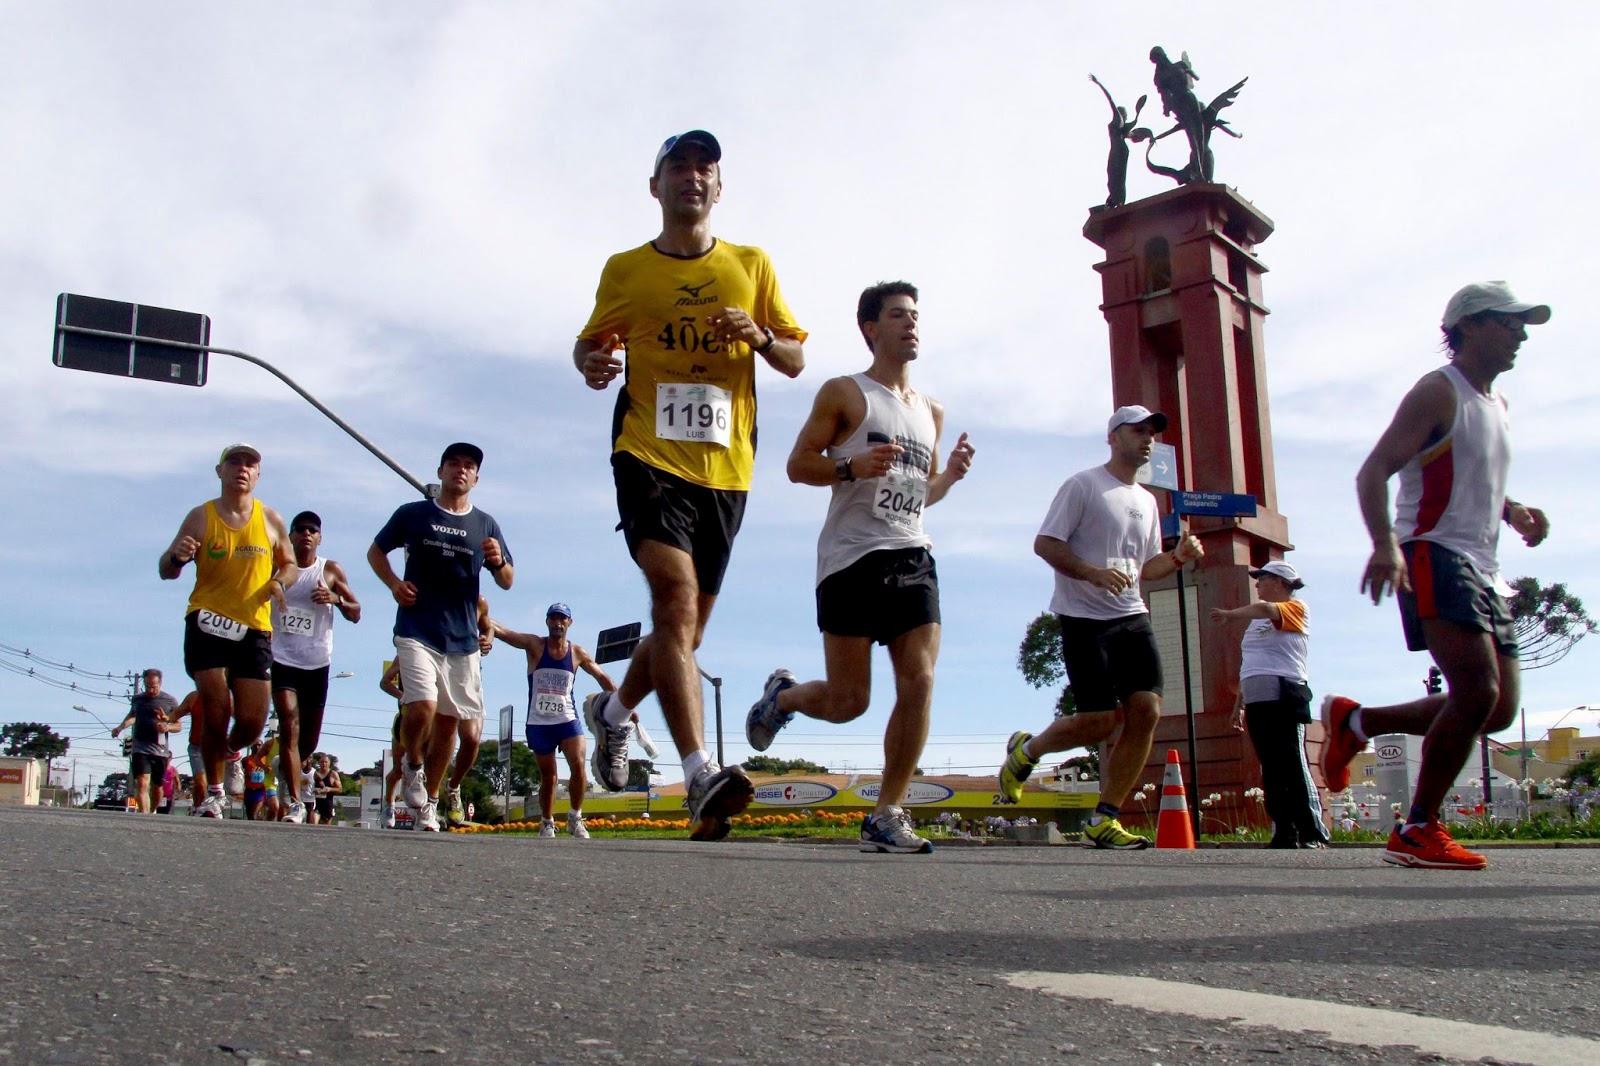 Mais de três mil visitantes participaram de evento de corrida em Curitiba